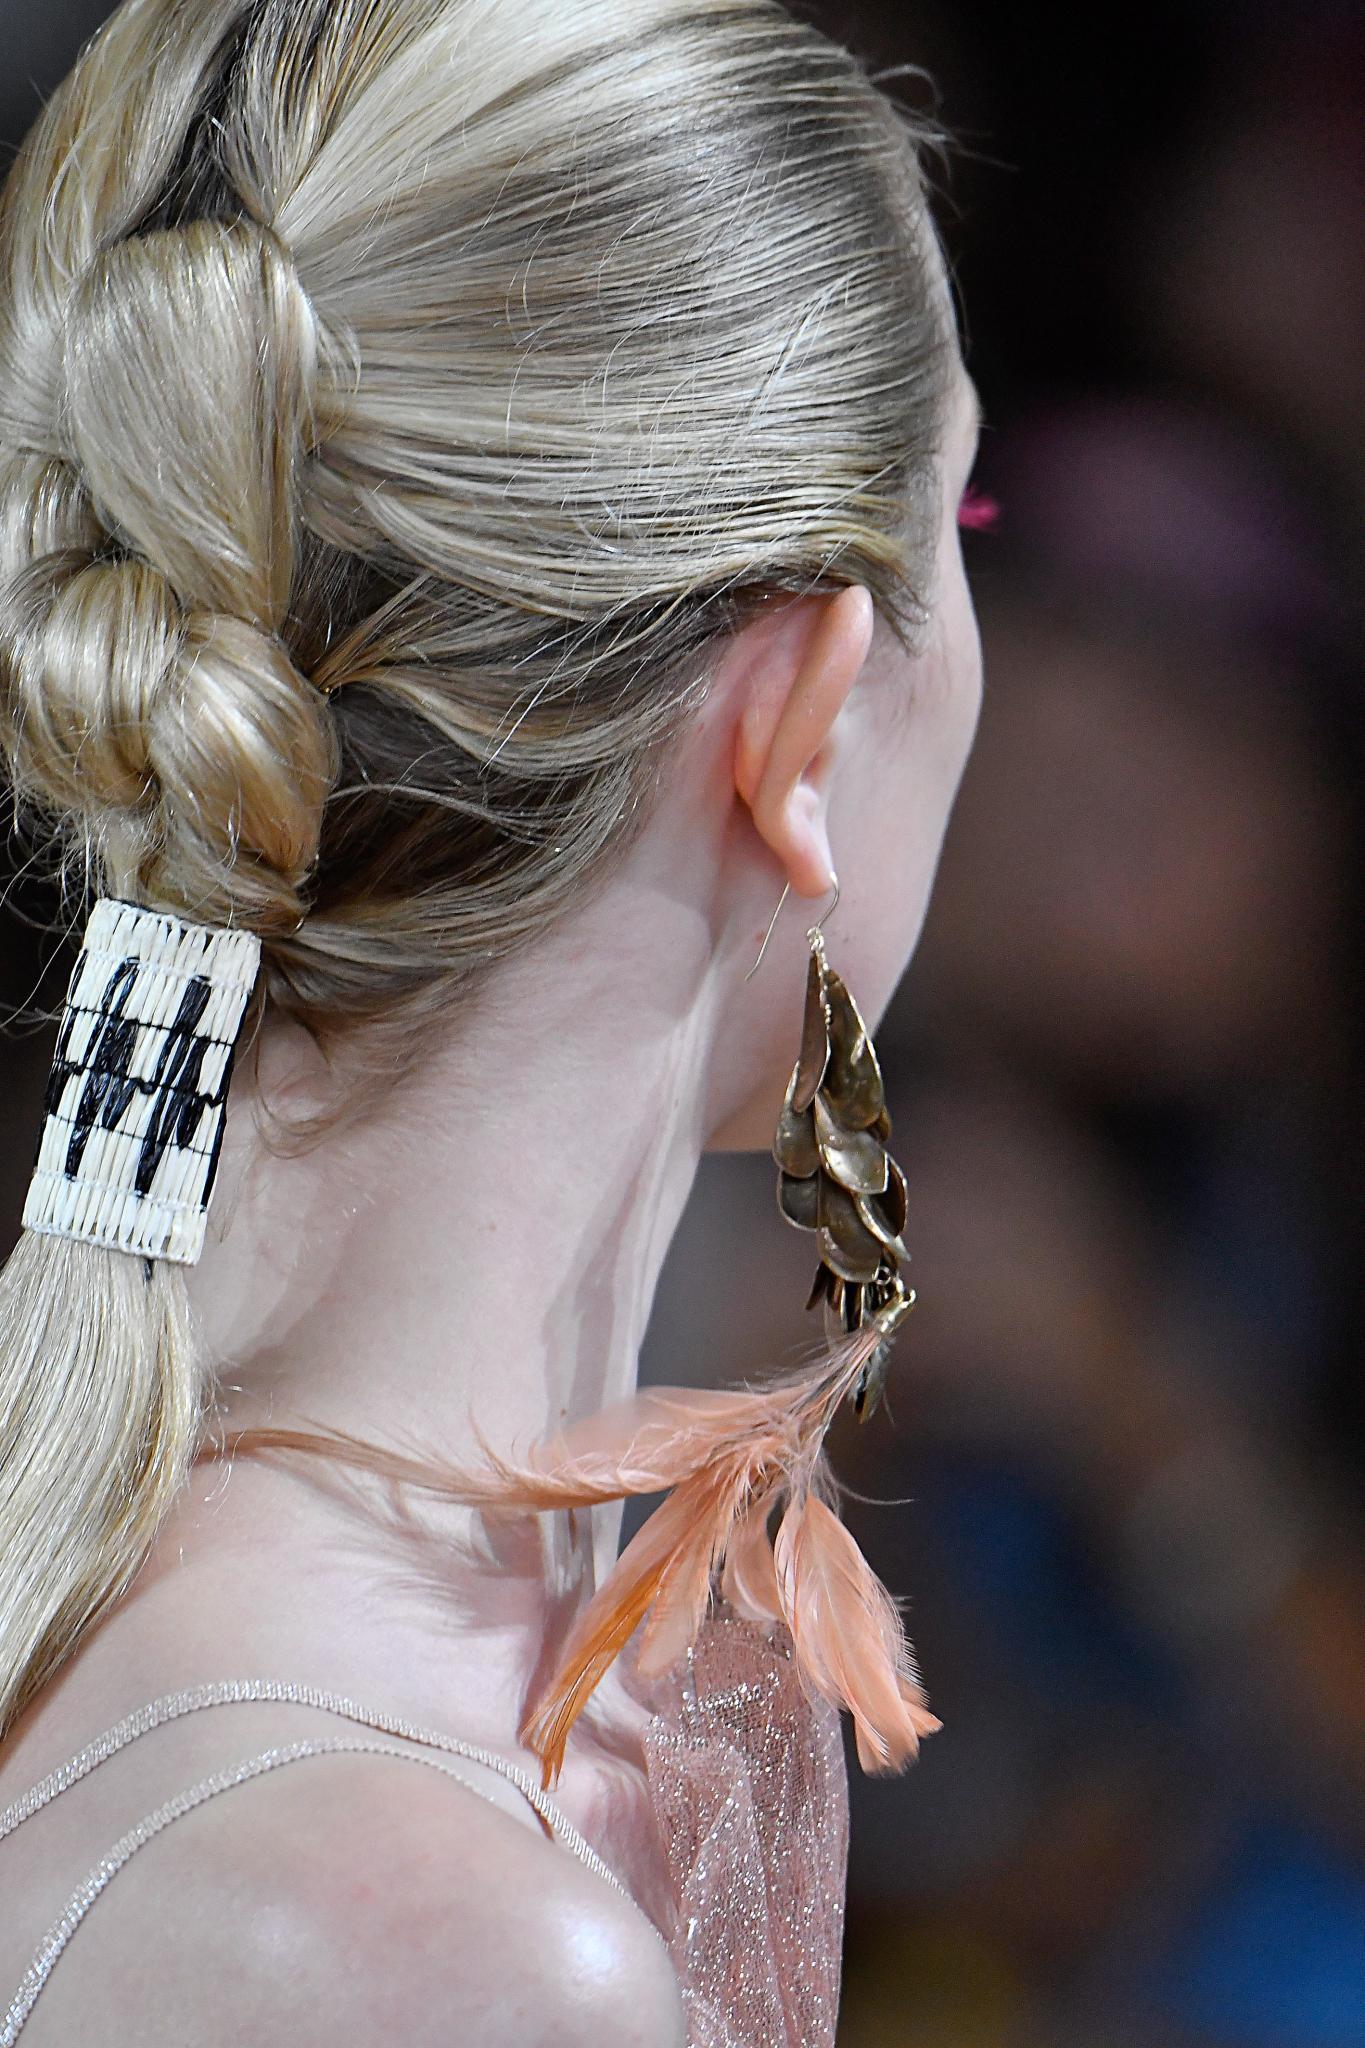 Vista de perfil de mujer rubia peinada con trenza que termina en una coleta